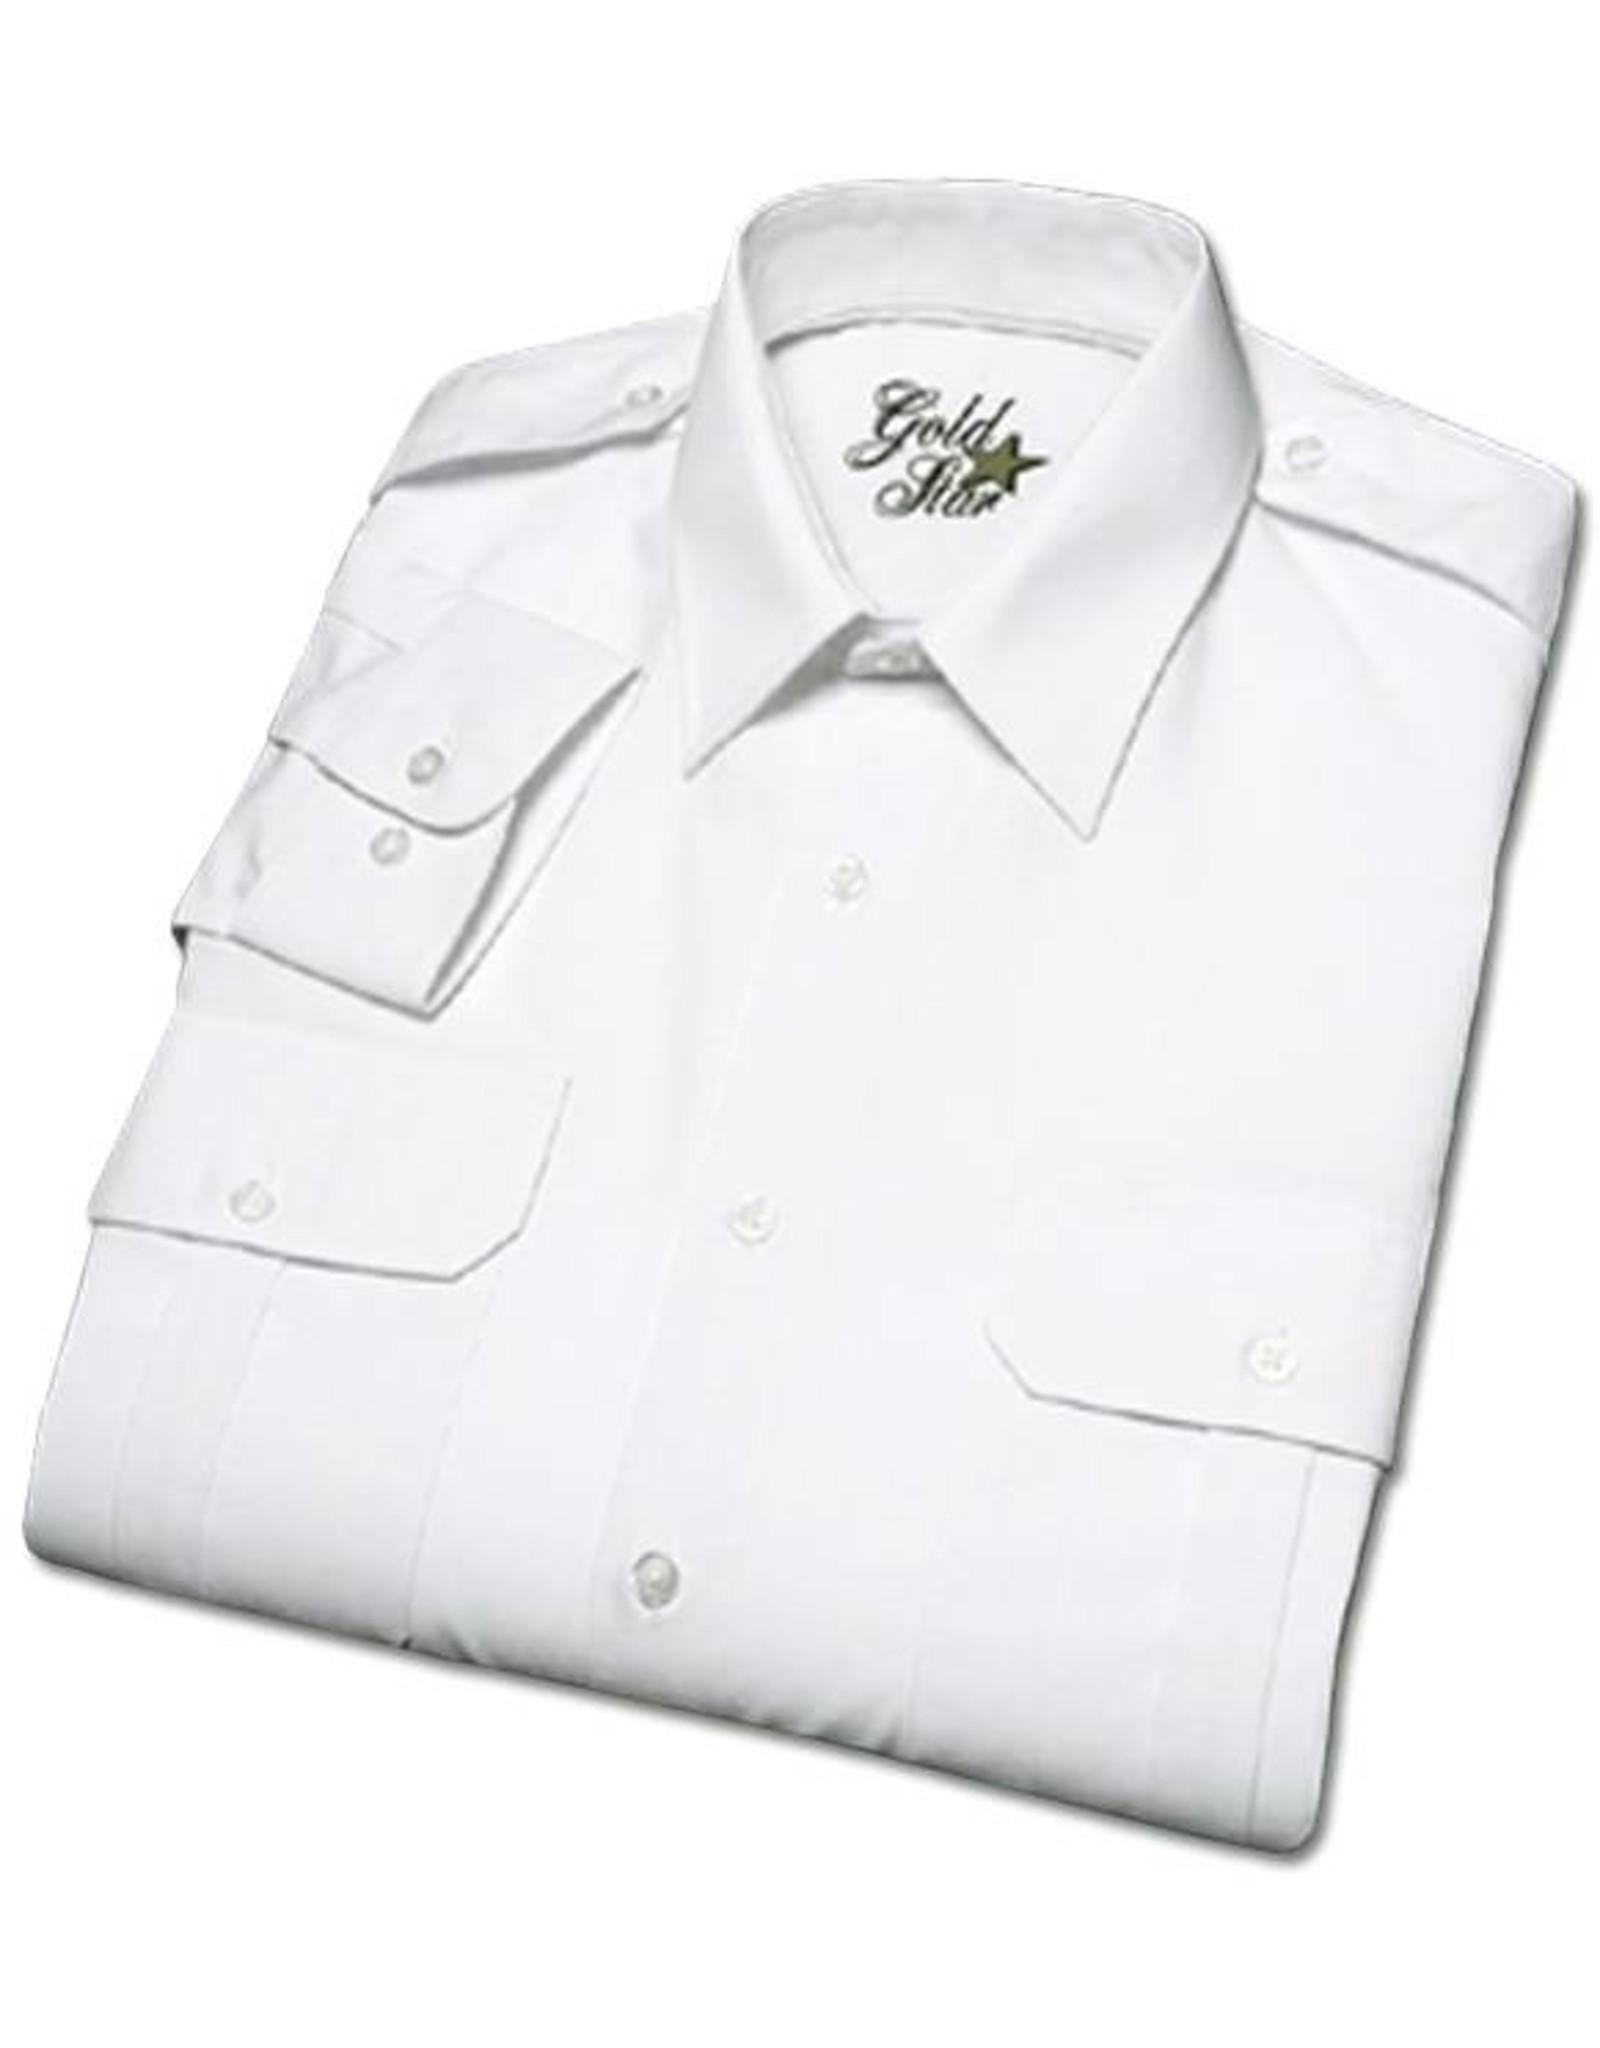 GoldStar Shirt Short Sleeve Mens